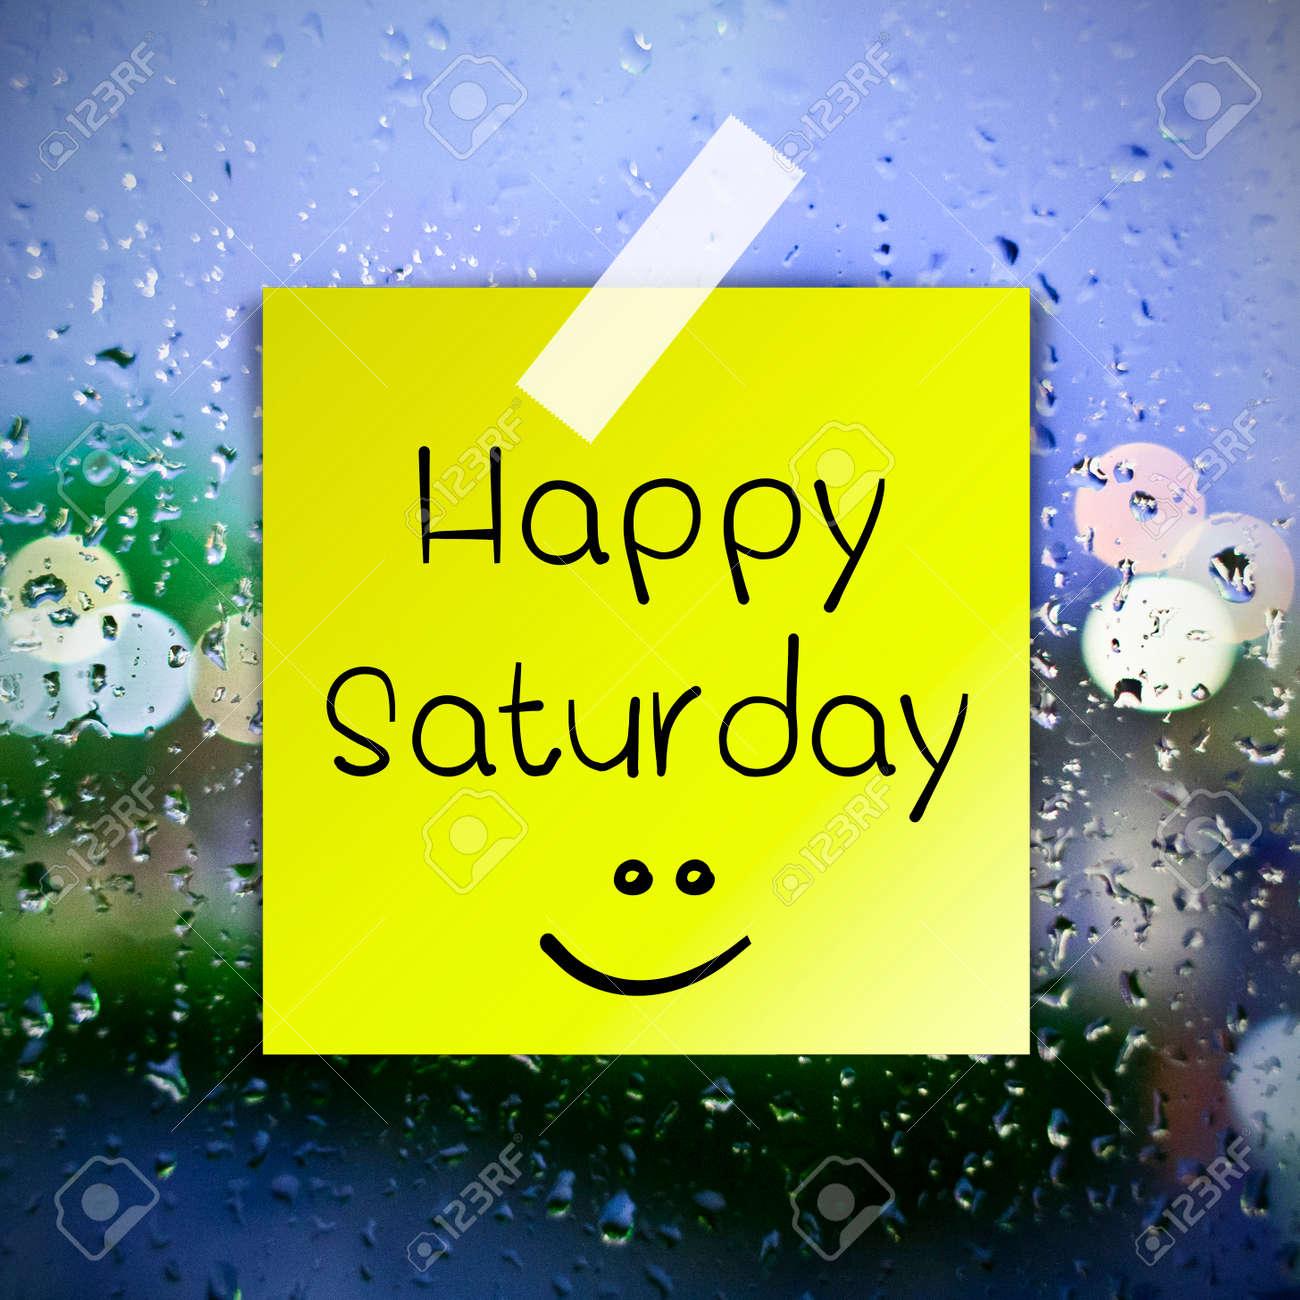 Bildergebnis für Happy Saturday bilder